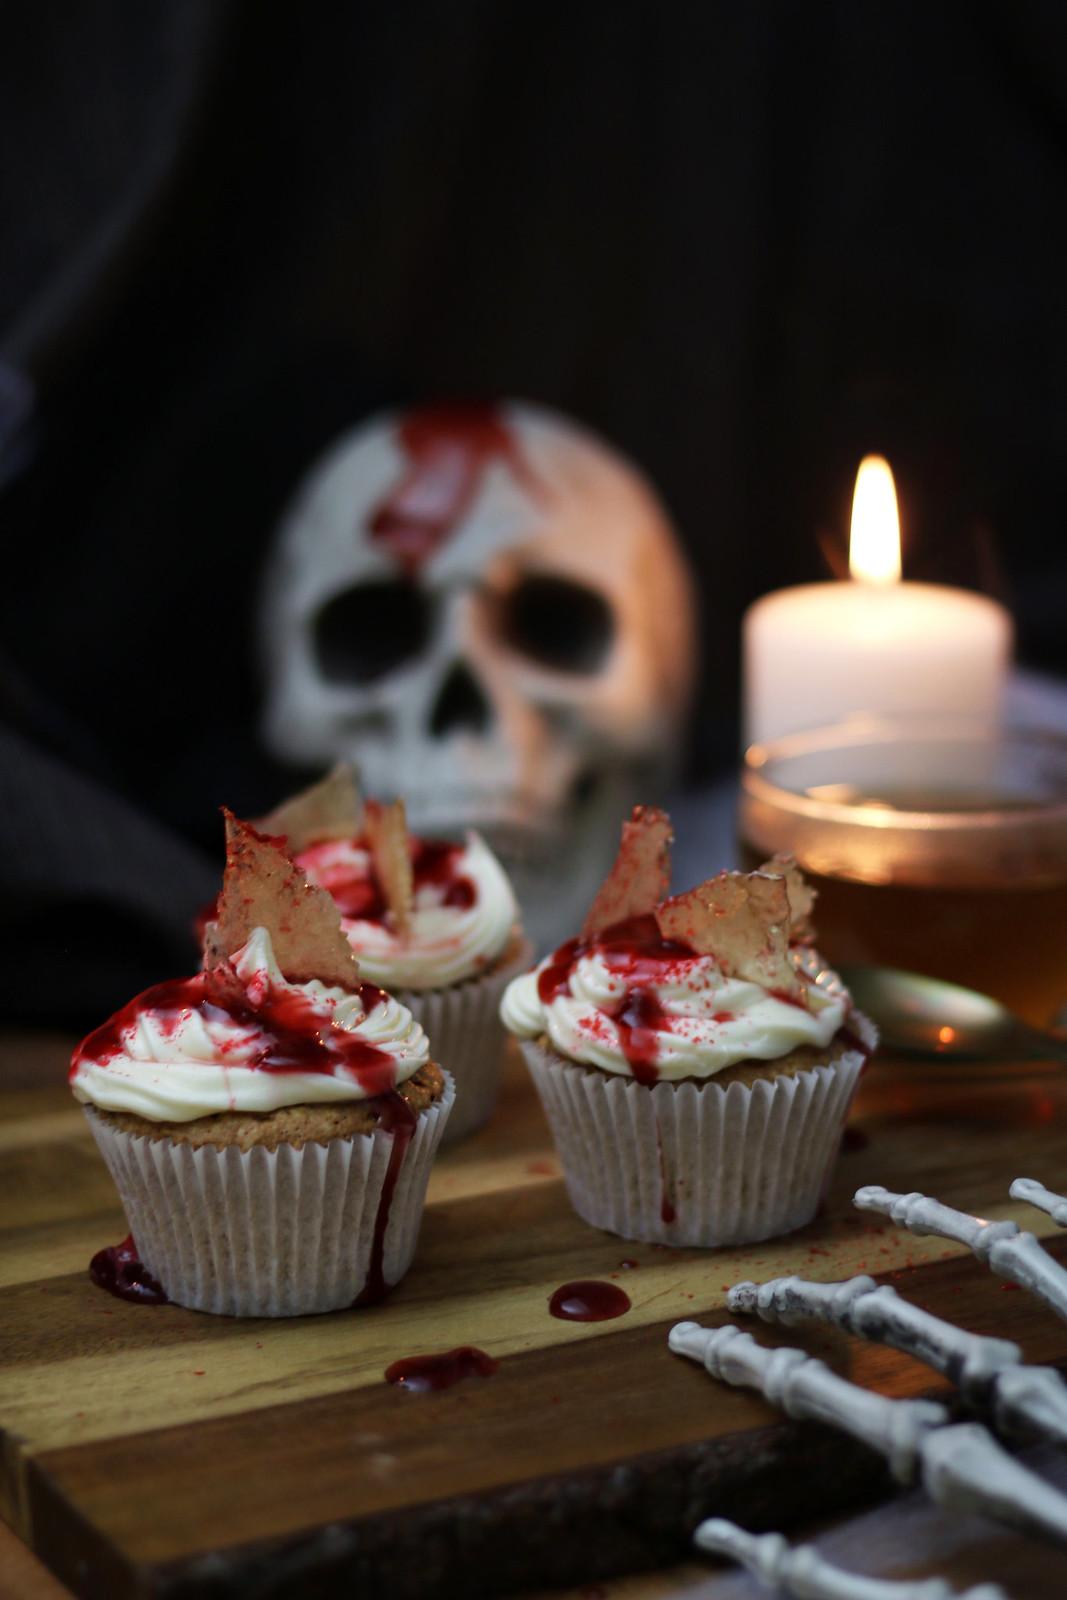 Earl-Grey-bloody-cupcakes-teapro